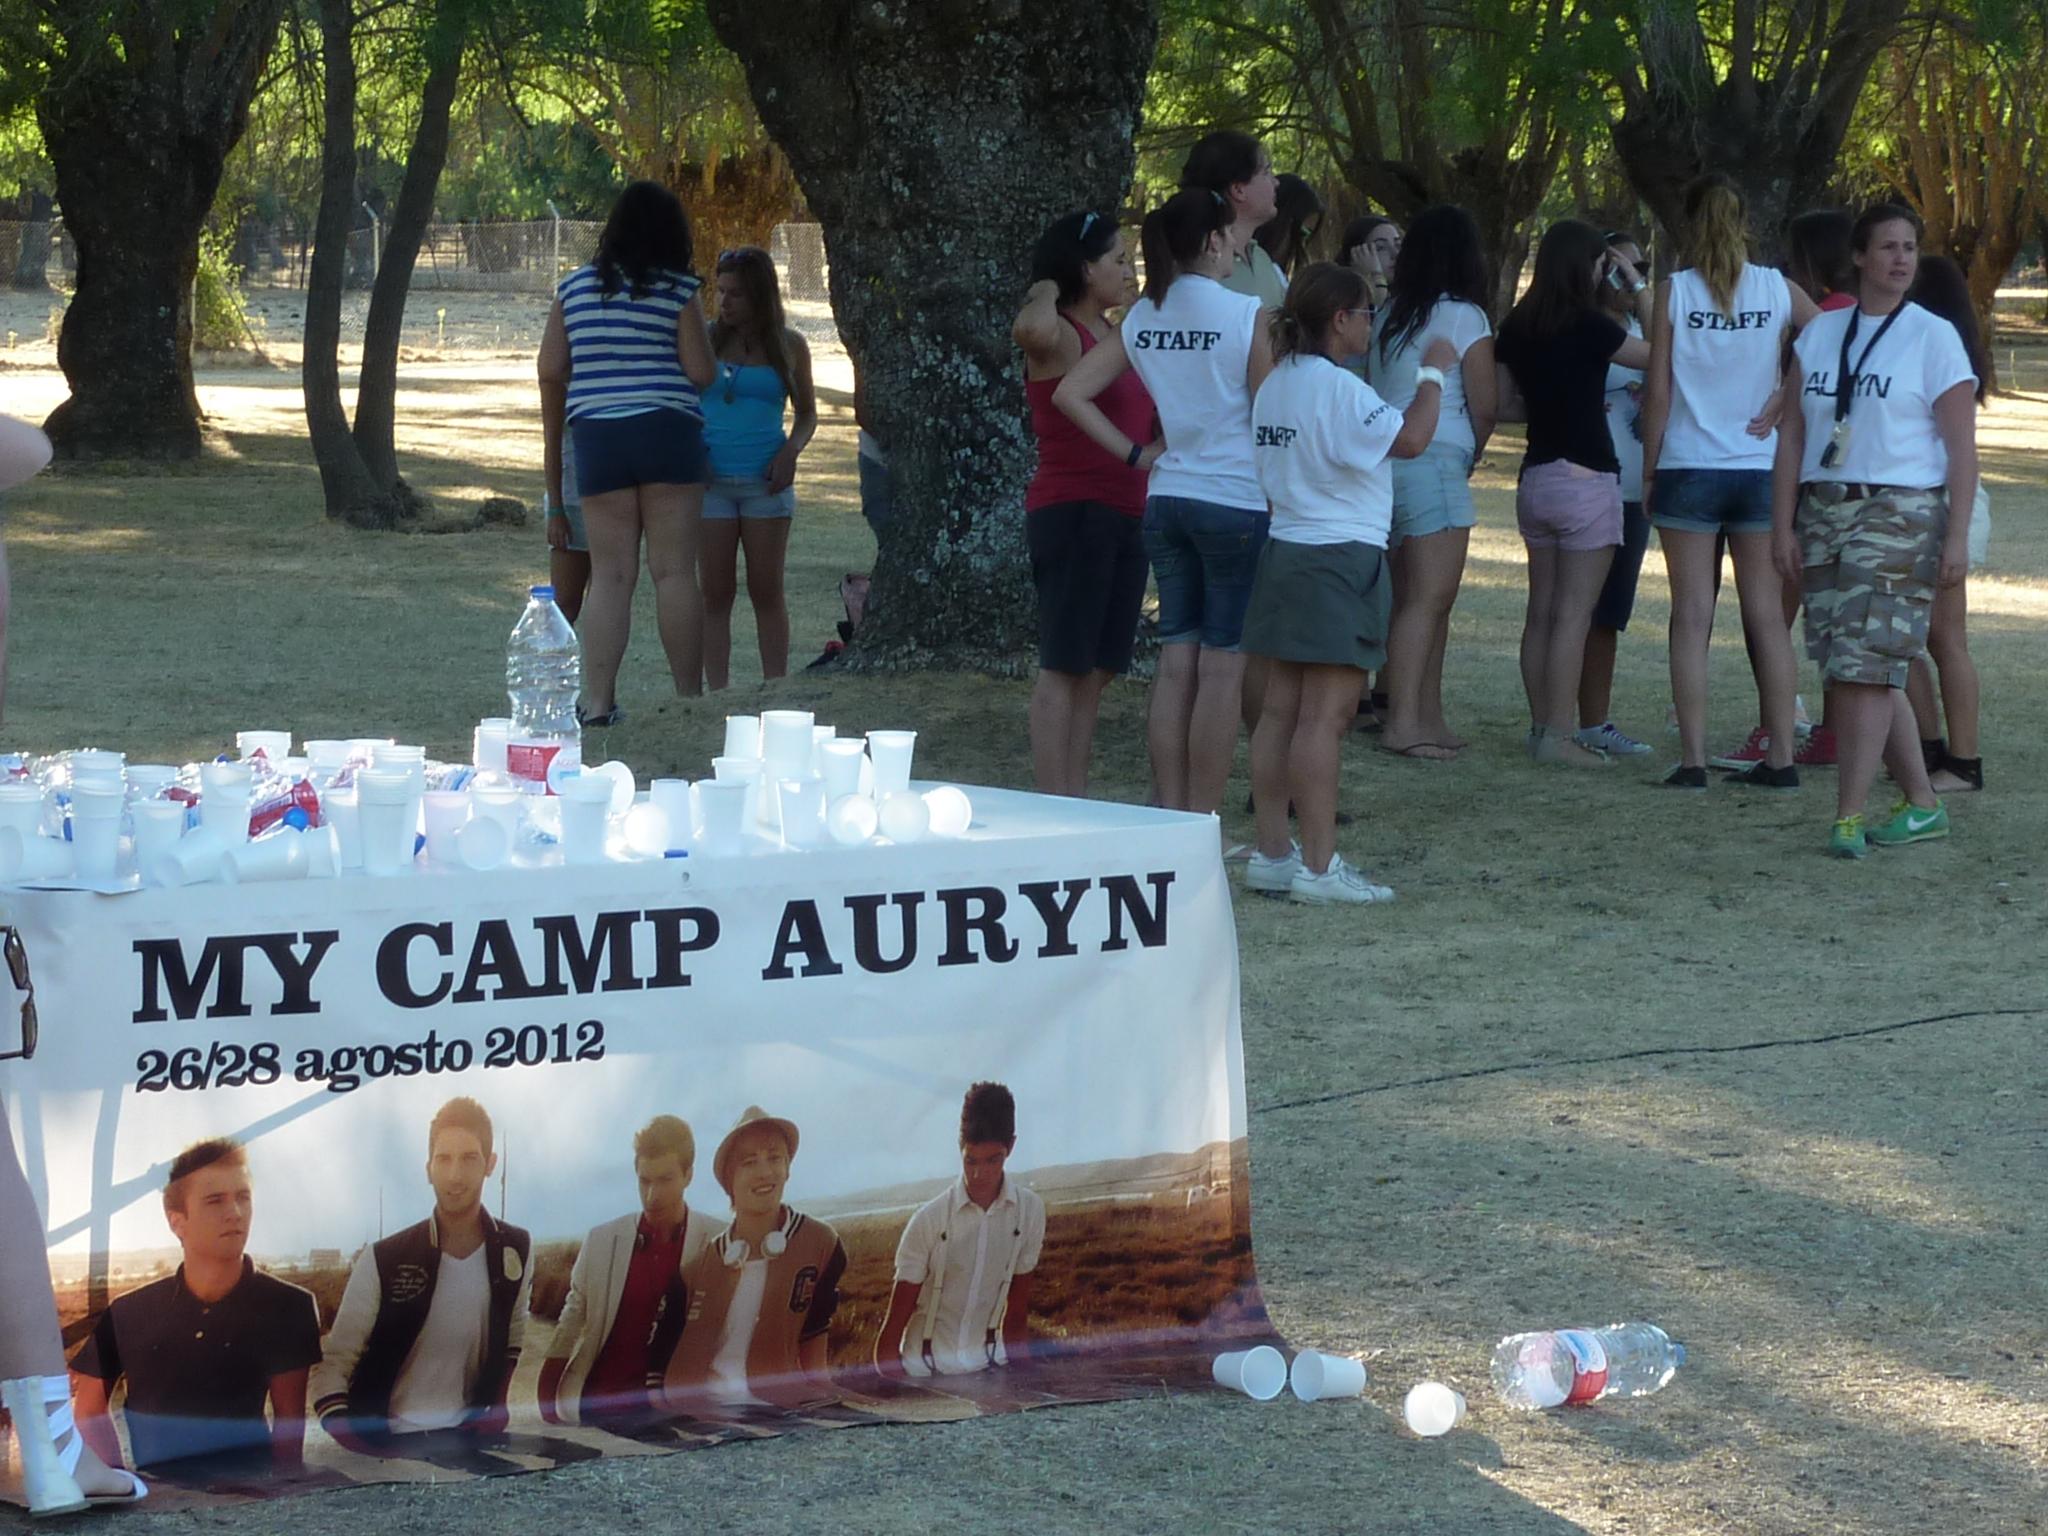 My Camp Auryn 2013 es una realidad